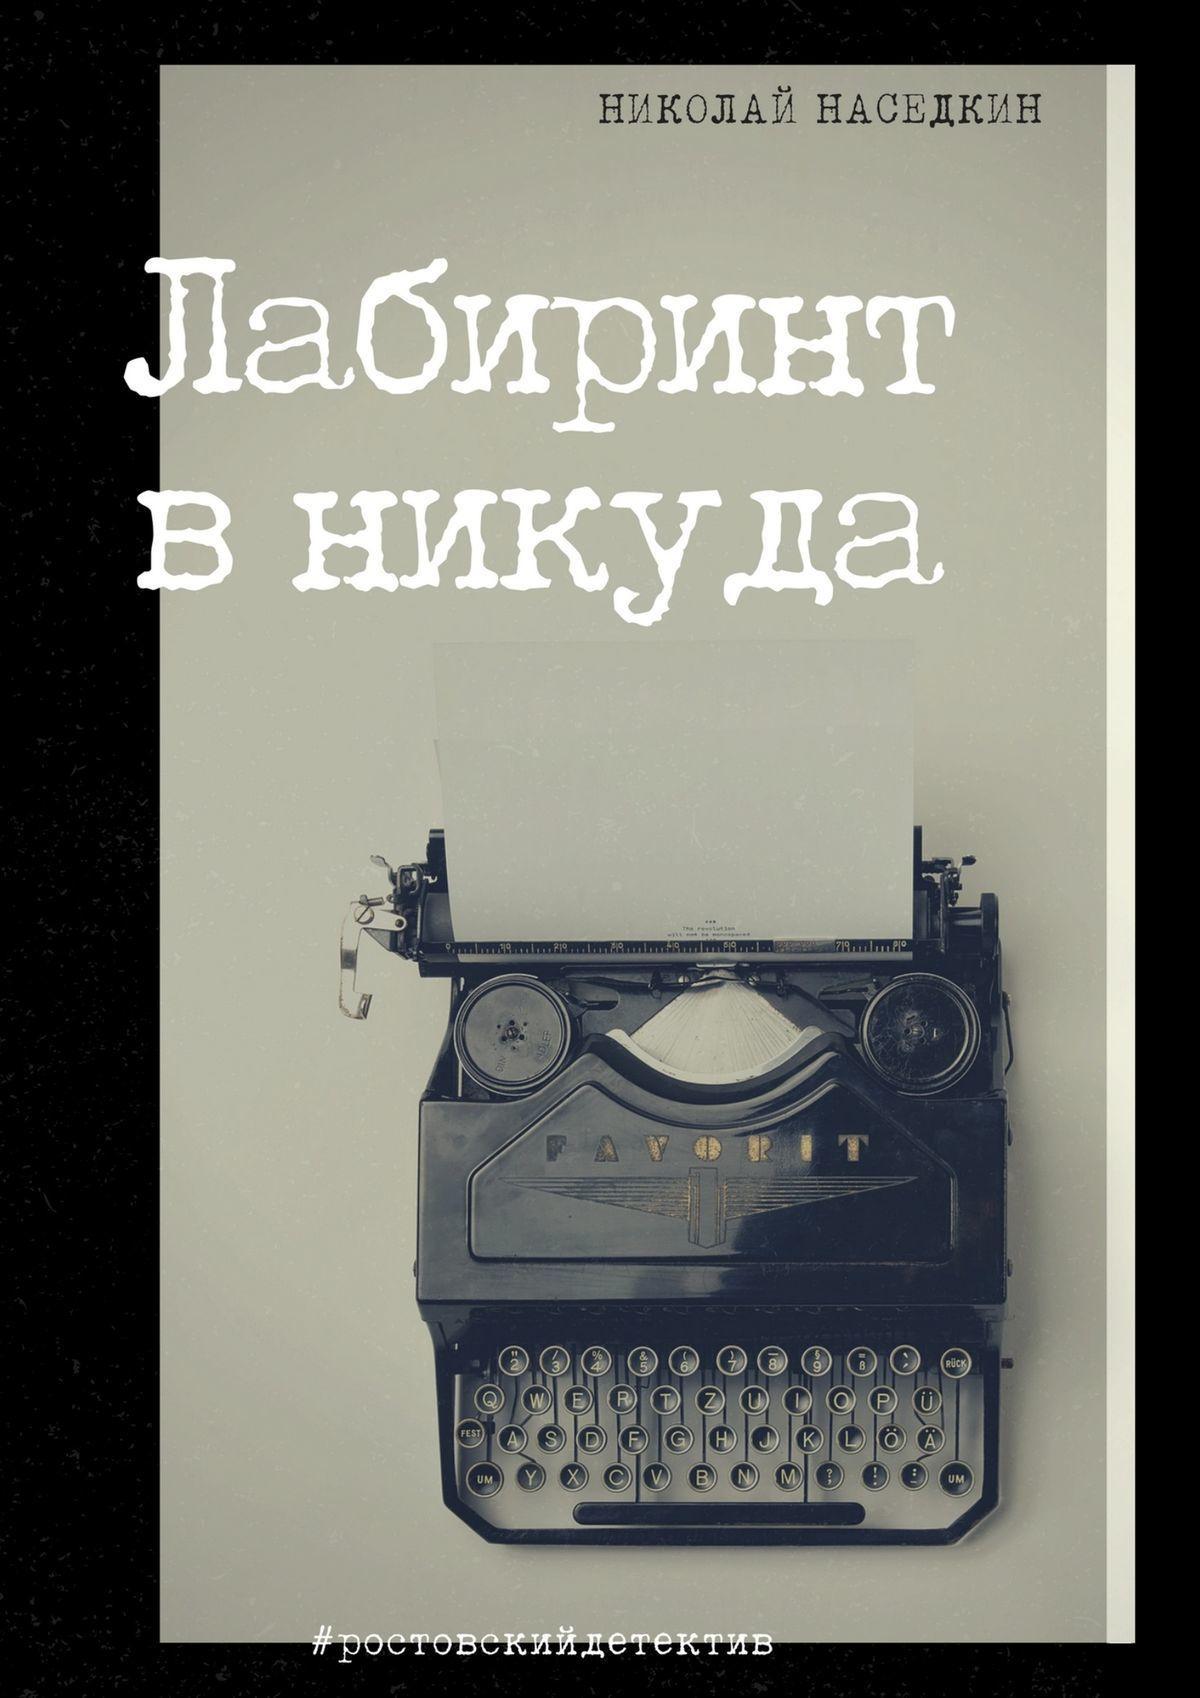 Обложка книги Лабиринт вникуда, автор Николай Наседкин